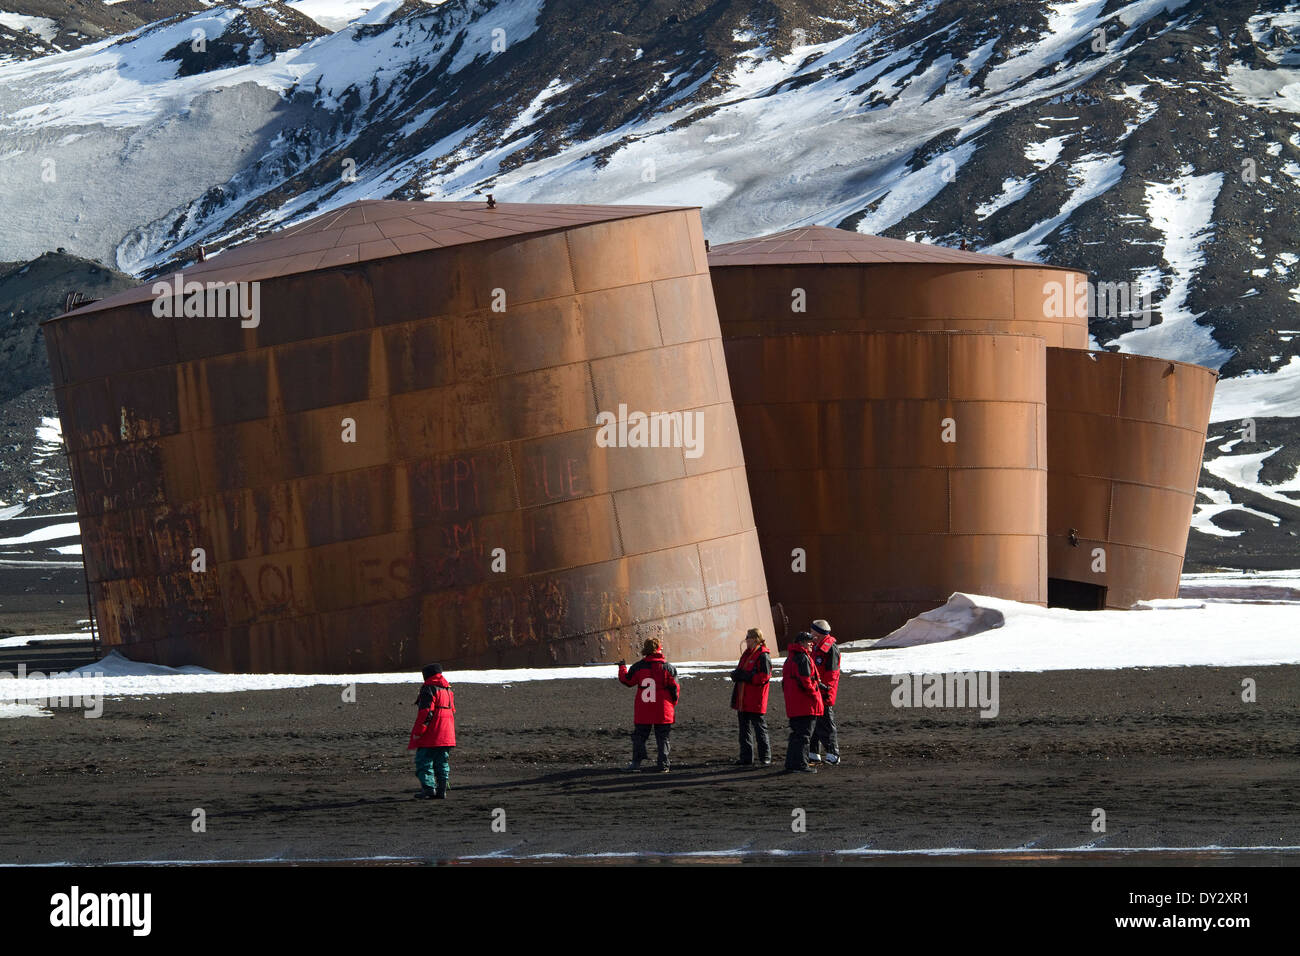 Antarktis Tourismus Whaler es Bay, Deception Island. Touristen aus Kreuzfahrtschiff entdecken Sie in der Nähe von verfallenen Wal Öltanks auf Strand. Stockbild